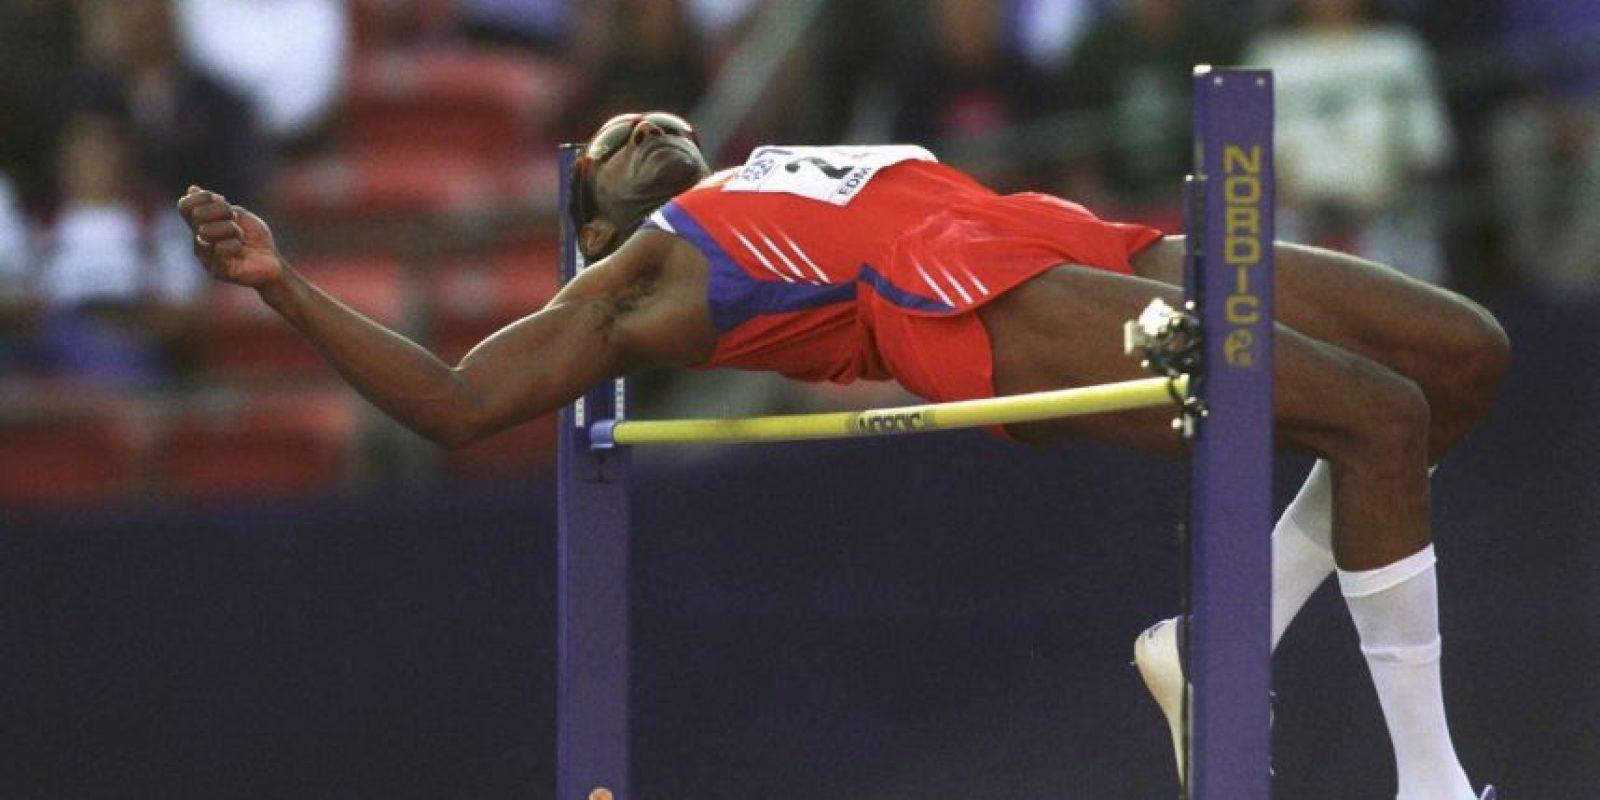 Javier Sotomayor: El considerado mejor saltador de altura de la historia dio positivo de cocaína en 1999, en los Juegos Panamericanos de Winnipeg, Canadá. Foto:Getty